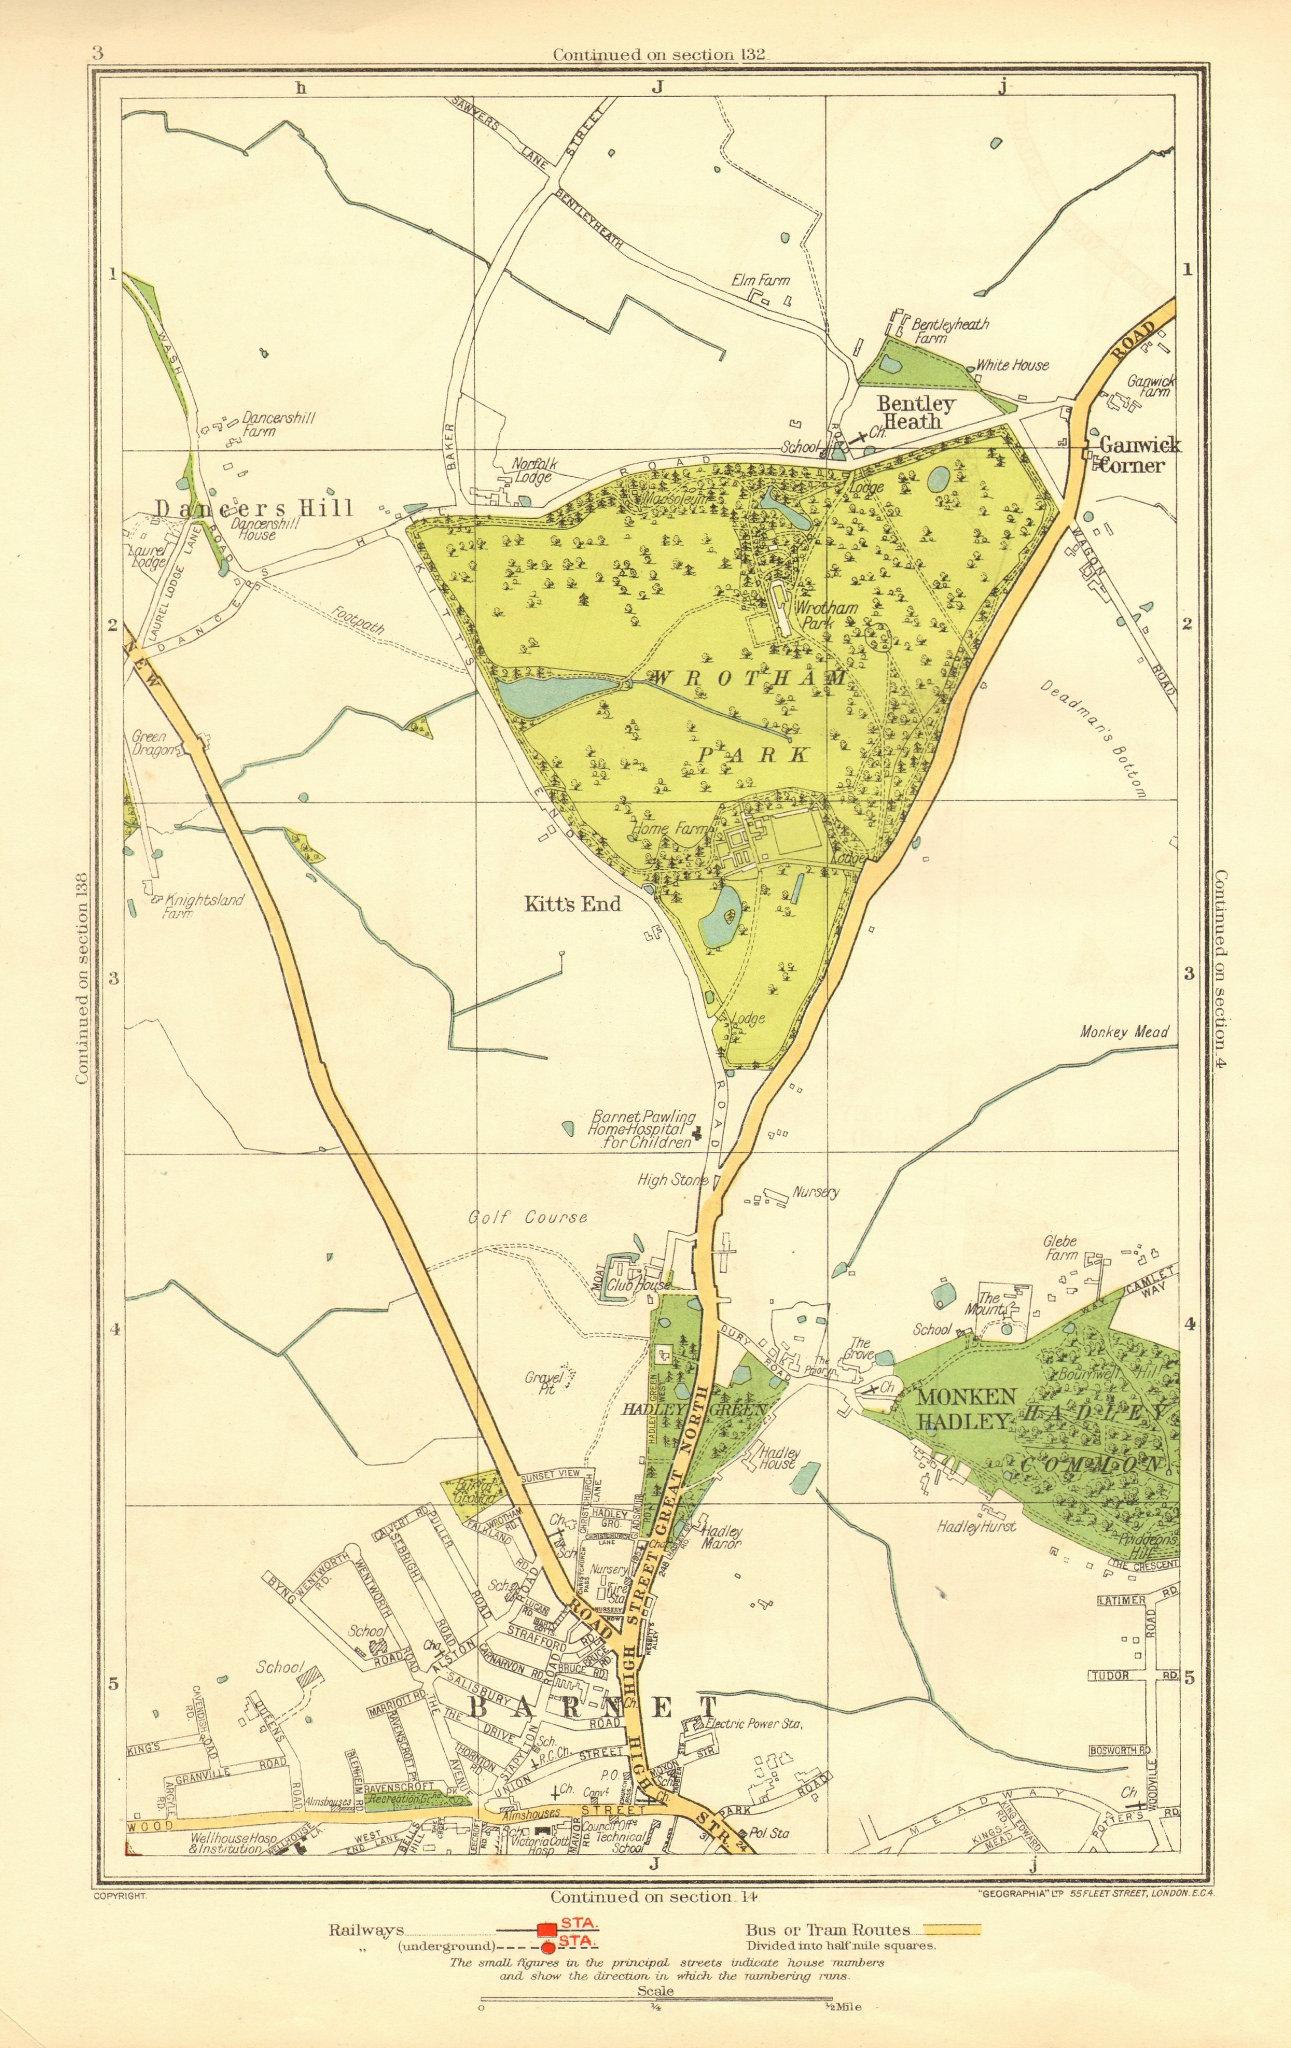 BARNET. Monken Hadley Wrotham Park Kitts End Dancer's Hill Ganwick Cnr 1937 map